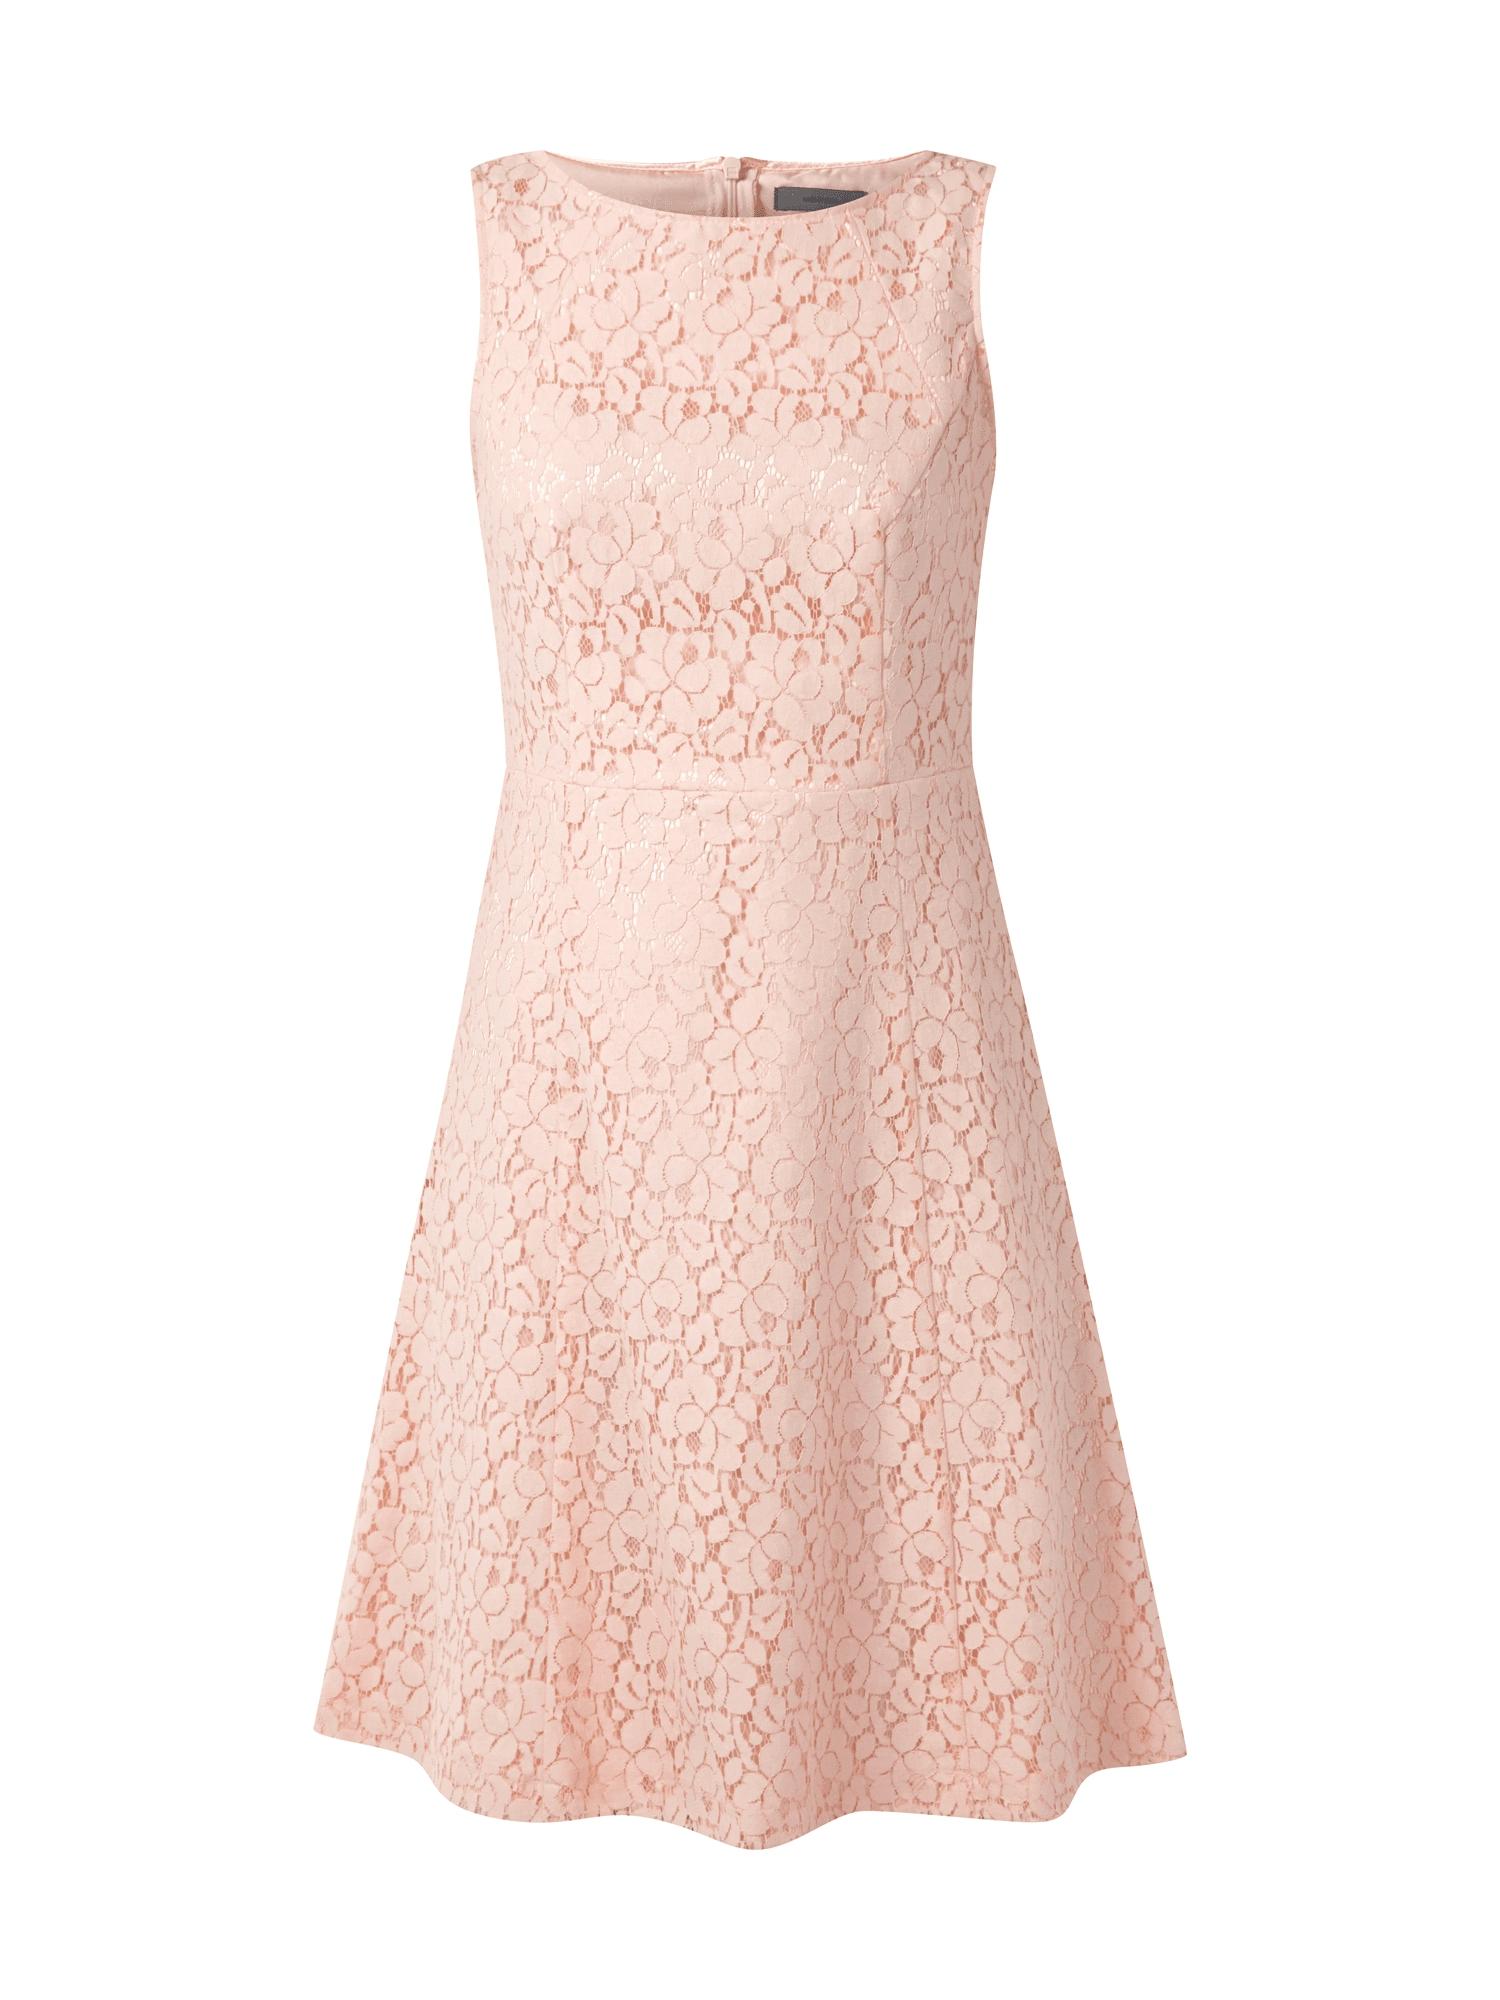 adc7617e757a0e Montego Kleid aus floraler Spitze Damen Kleid Blumen lace Baumwolle ...